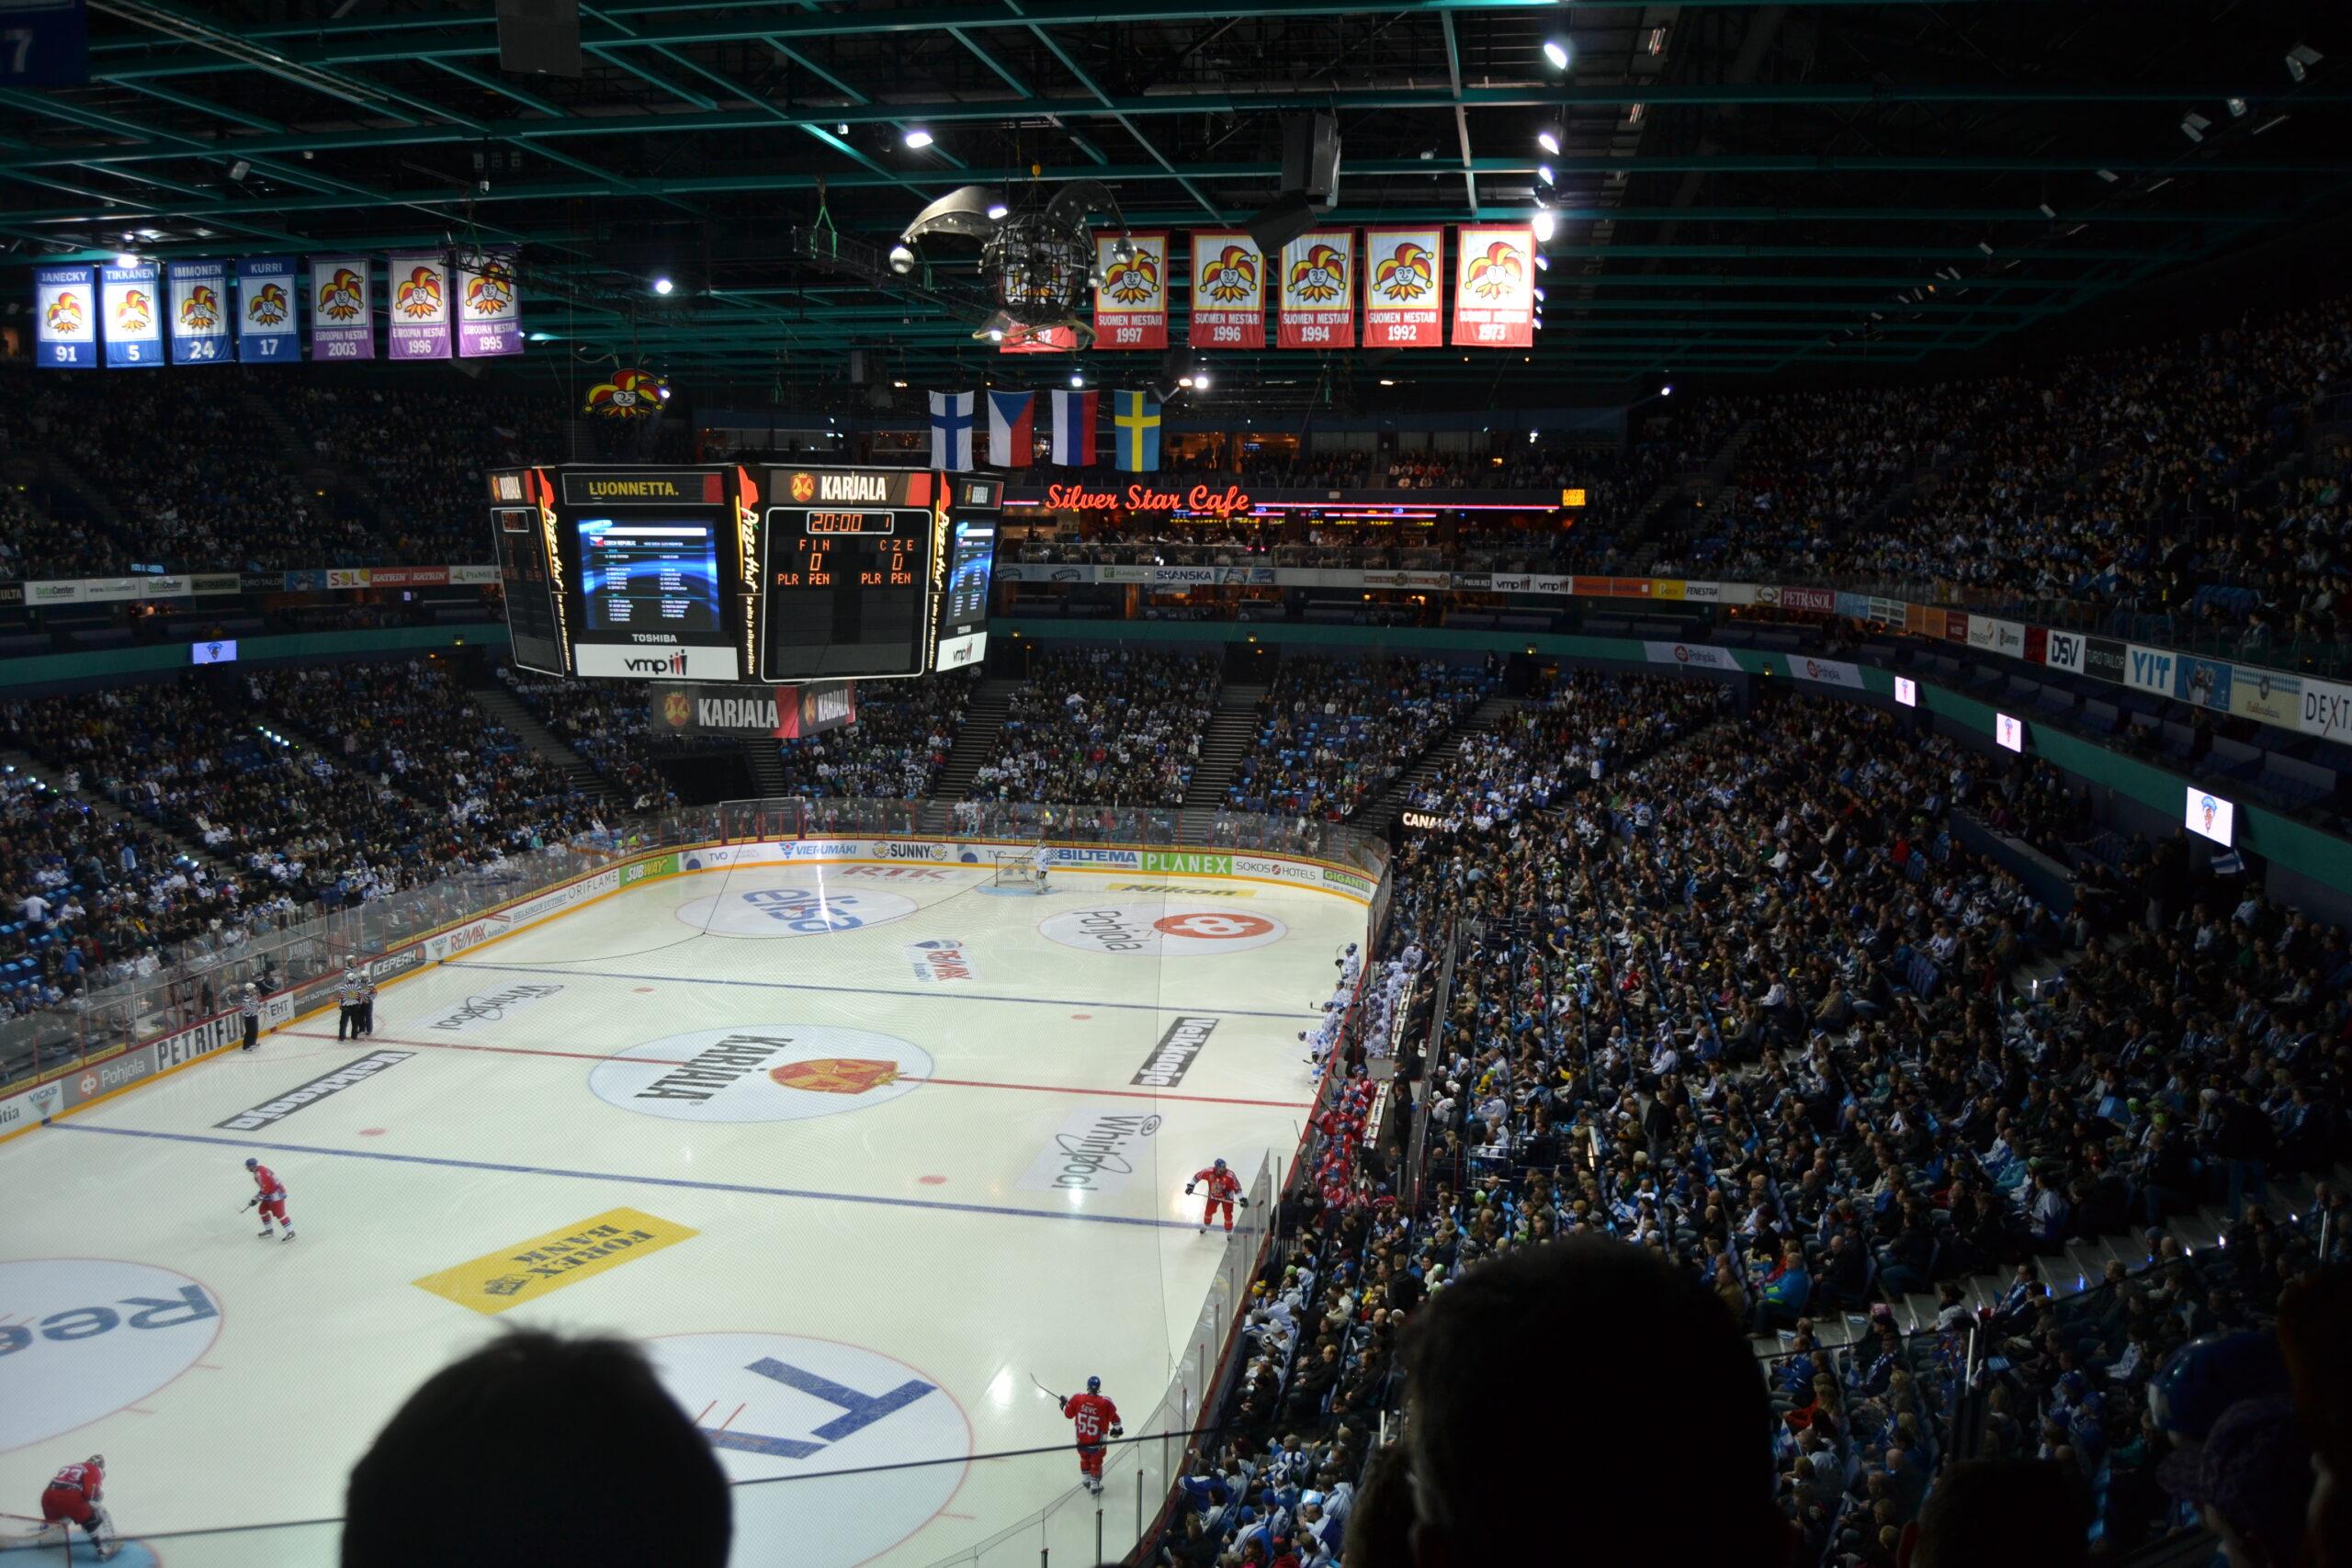 Finland vs. Tjeckien i Hartwall Arena